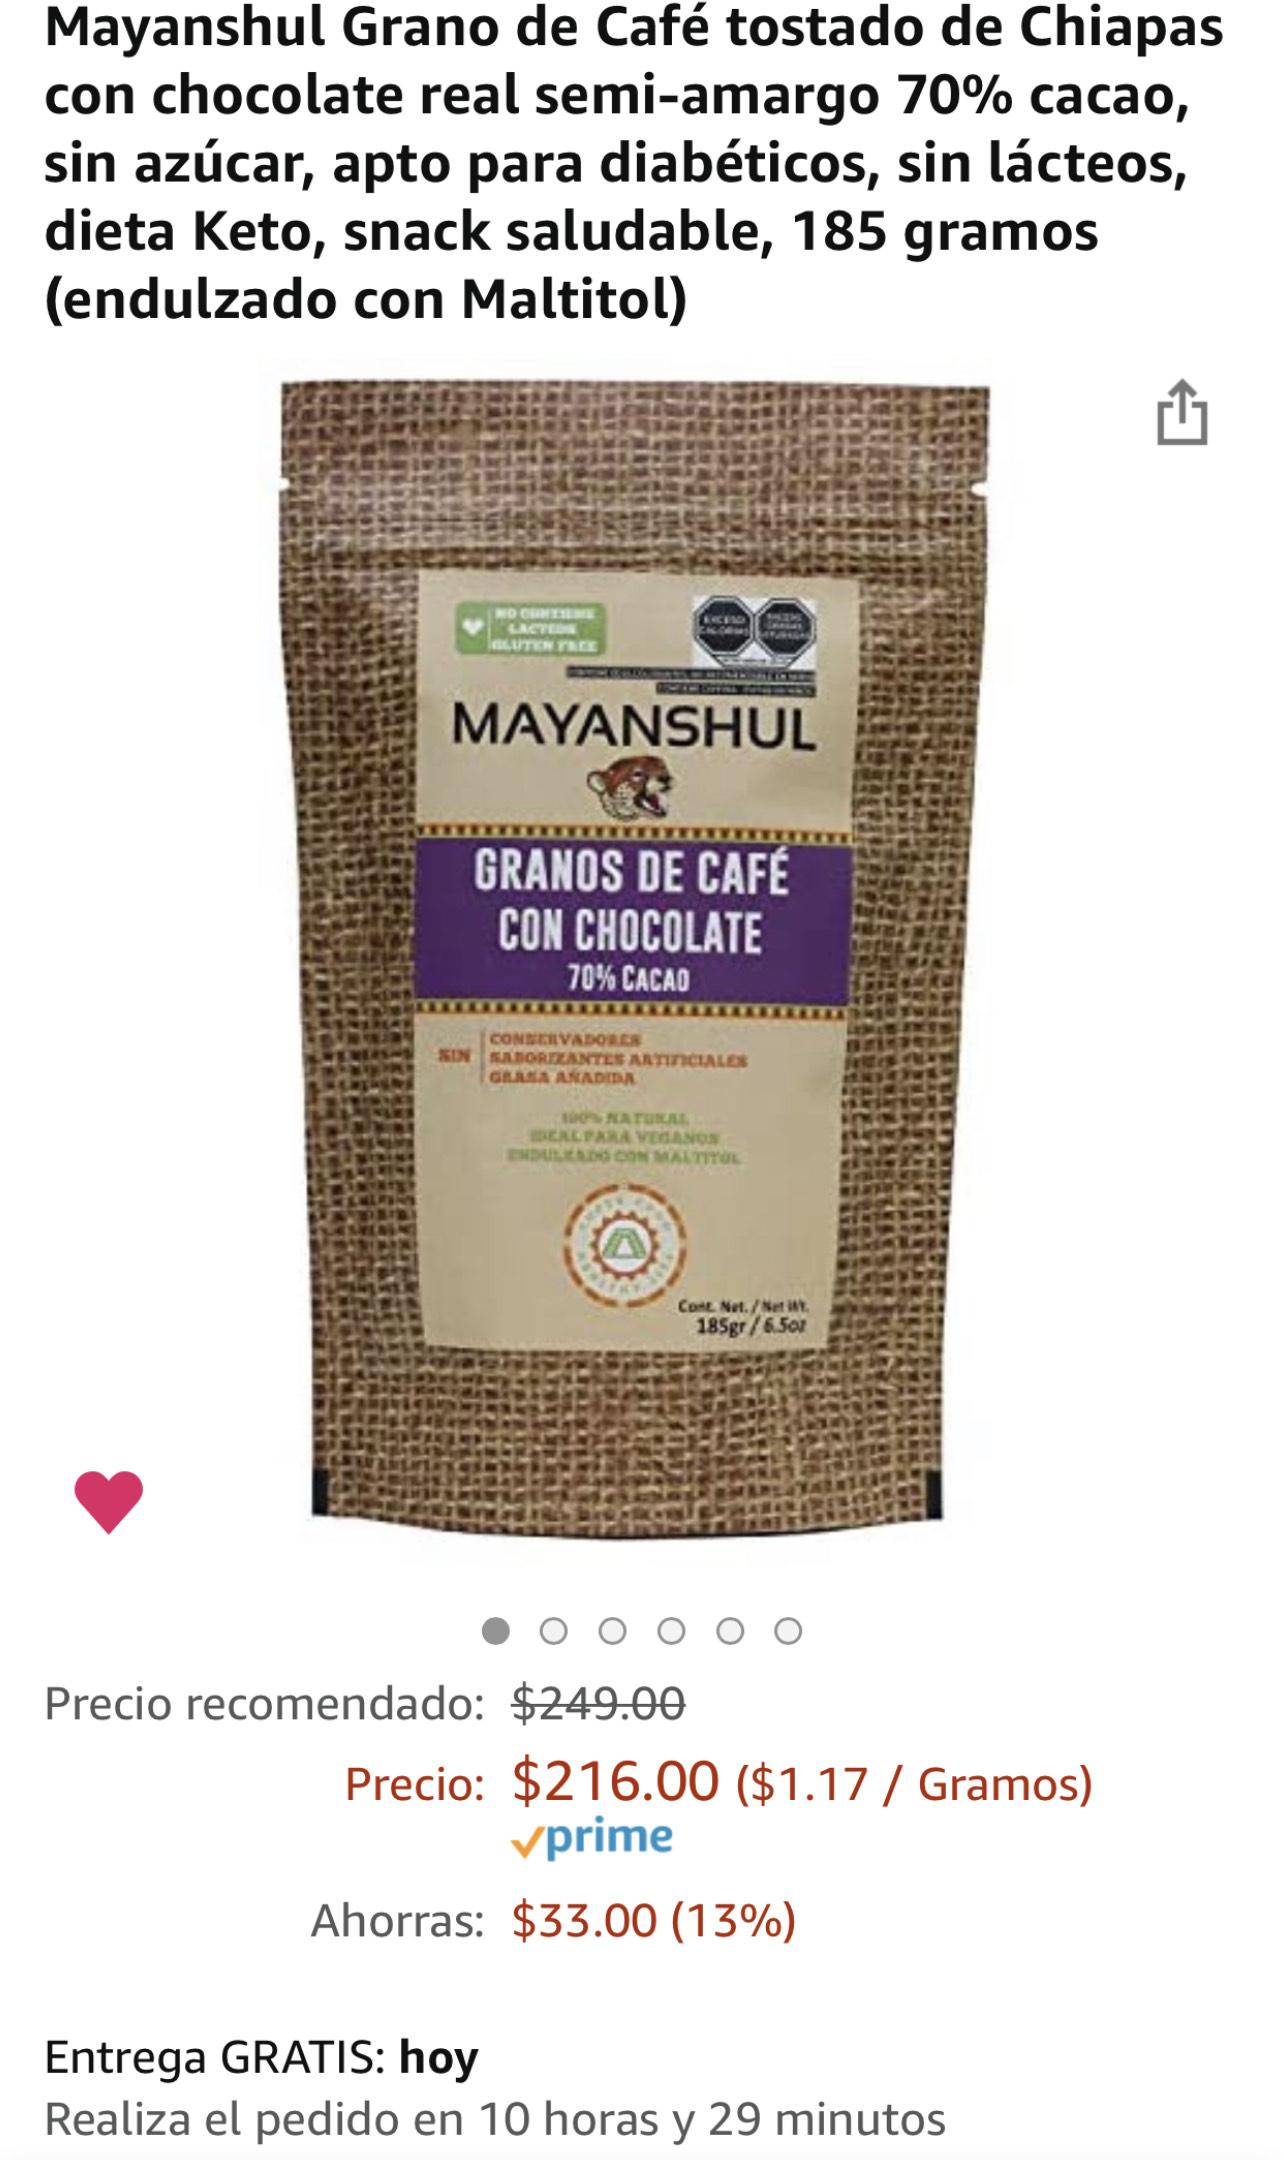 Amazon: Grano de Café tostado de Chiapas con chocolate real semi-amargo 70% cacao, sin azúcar, sin lácteos, snack saludable